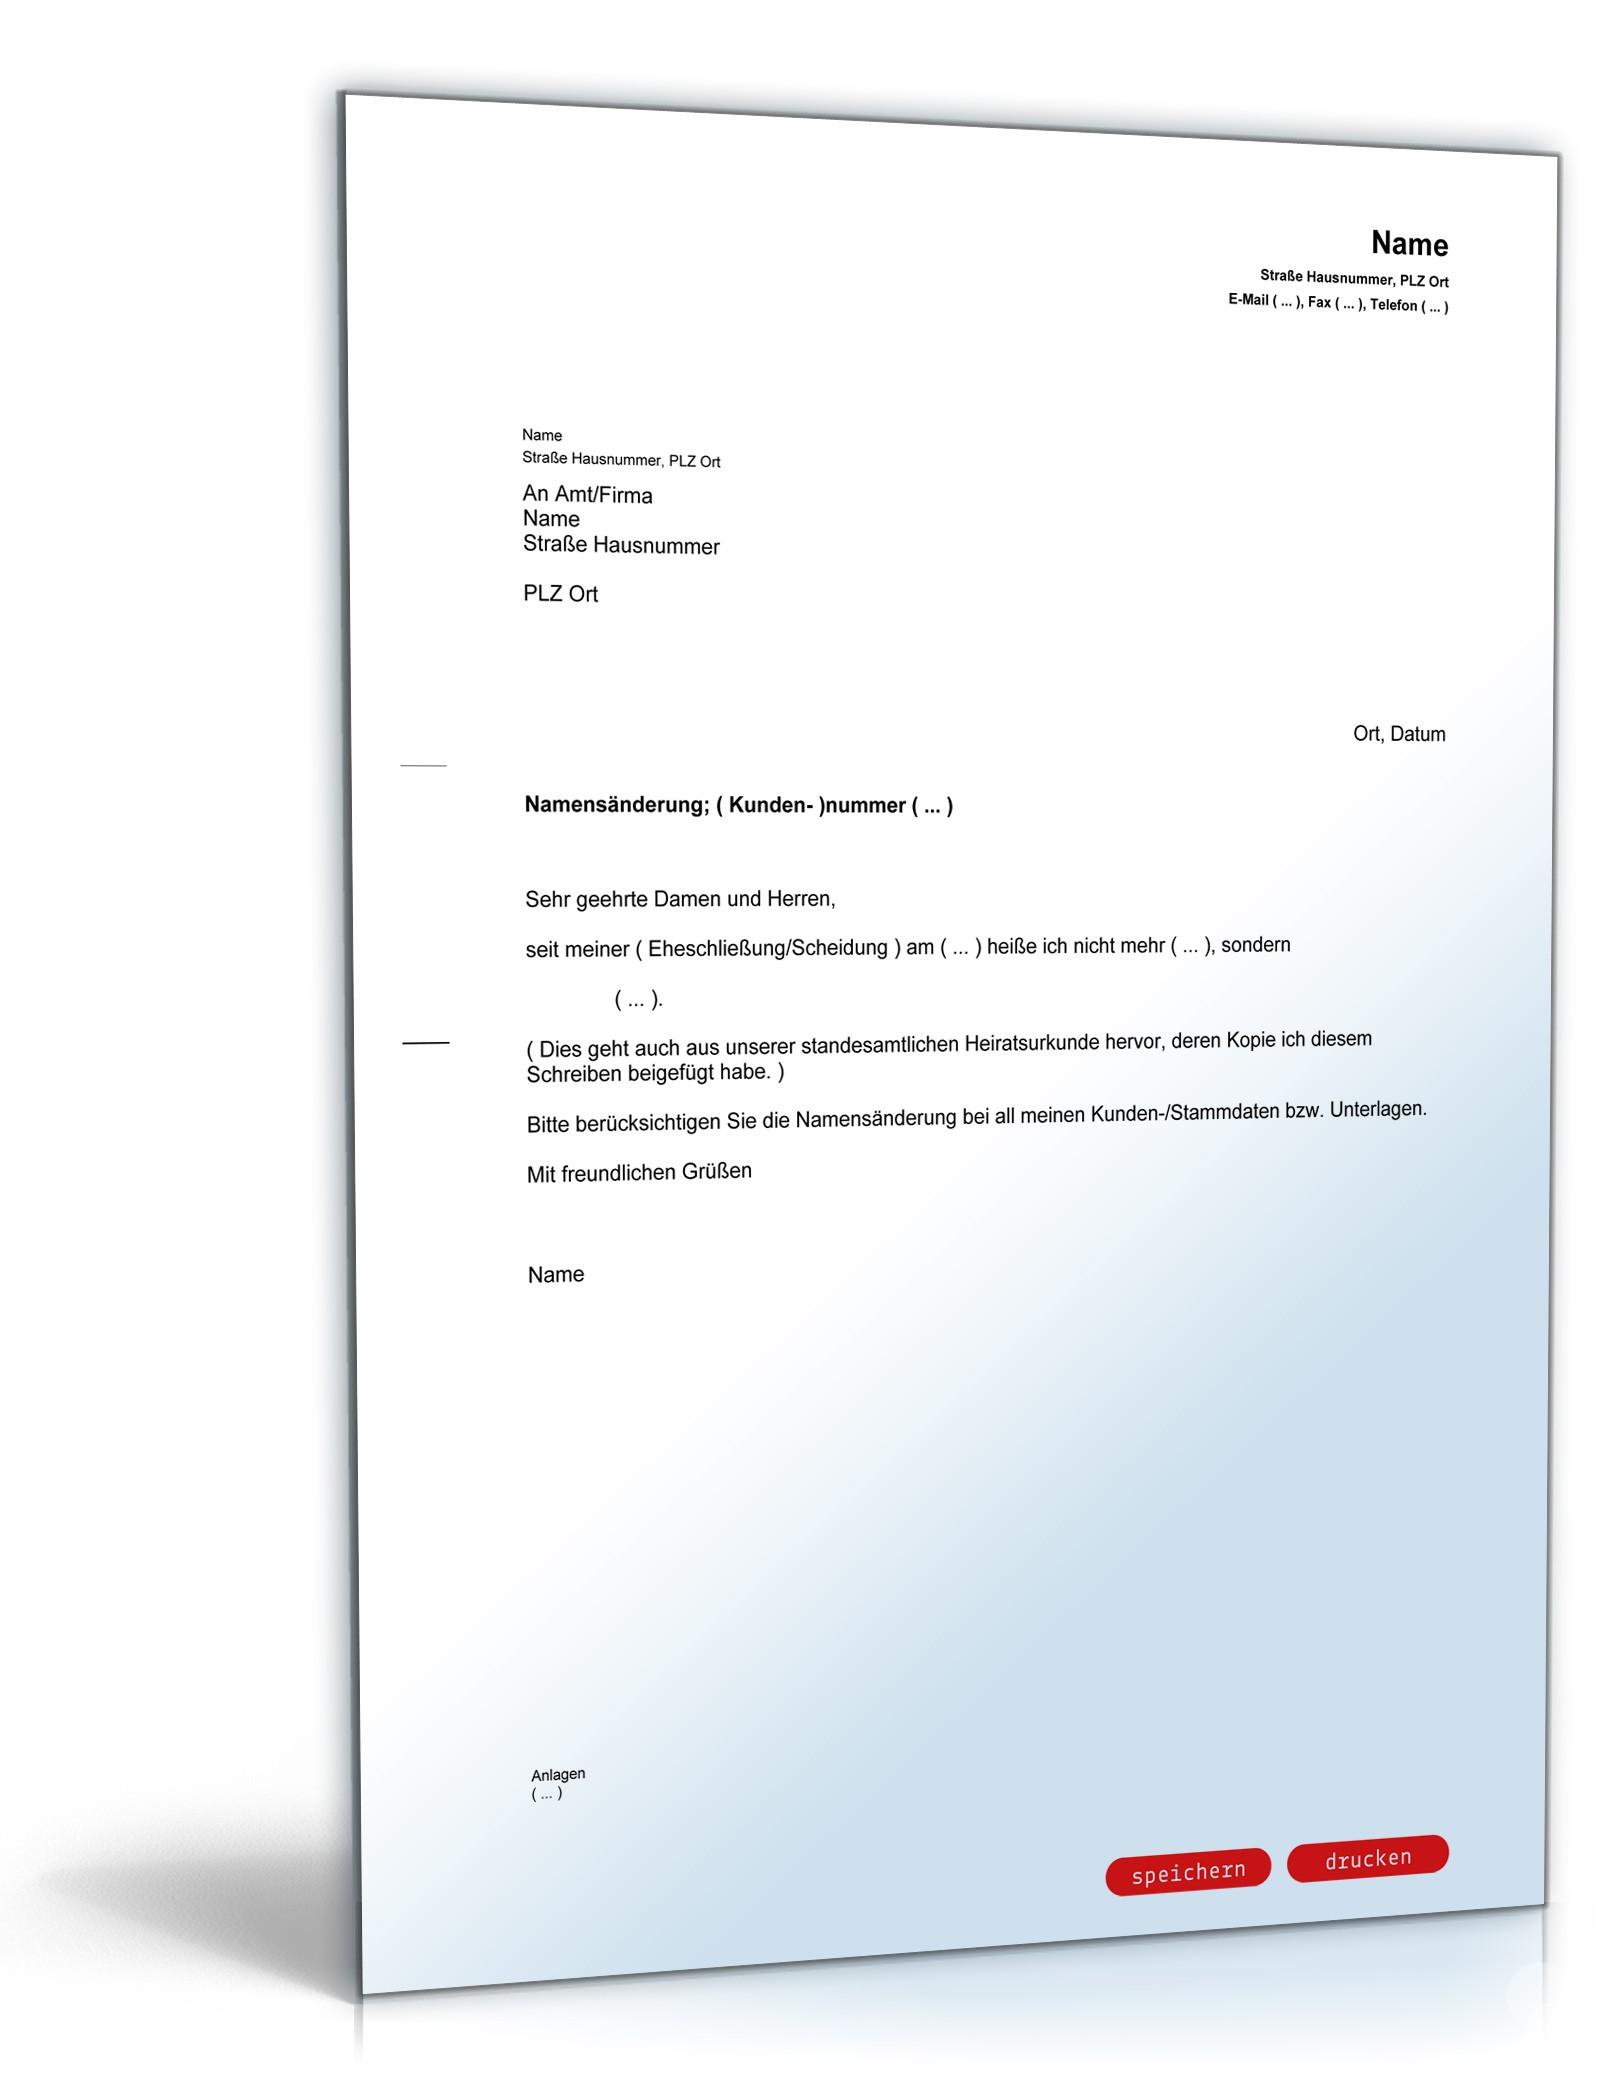 Mitteilung Namensänderung Vorlage Zum Download